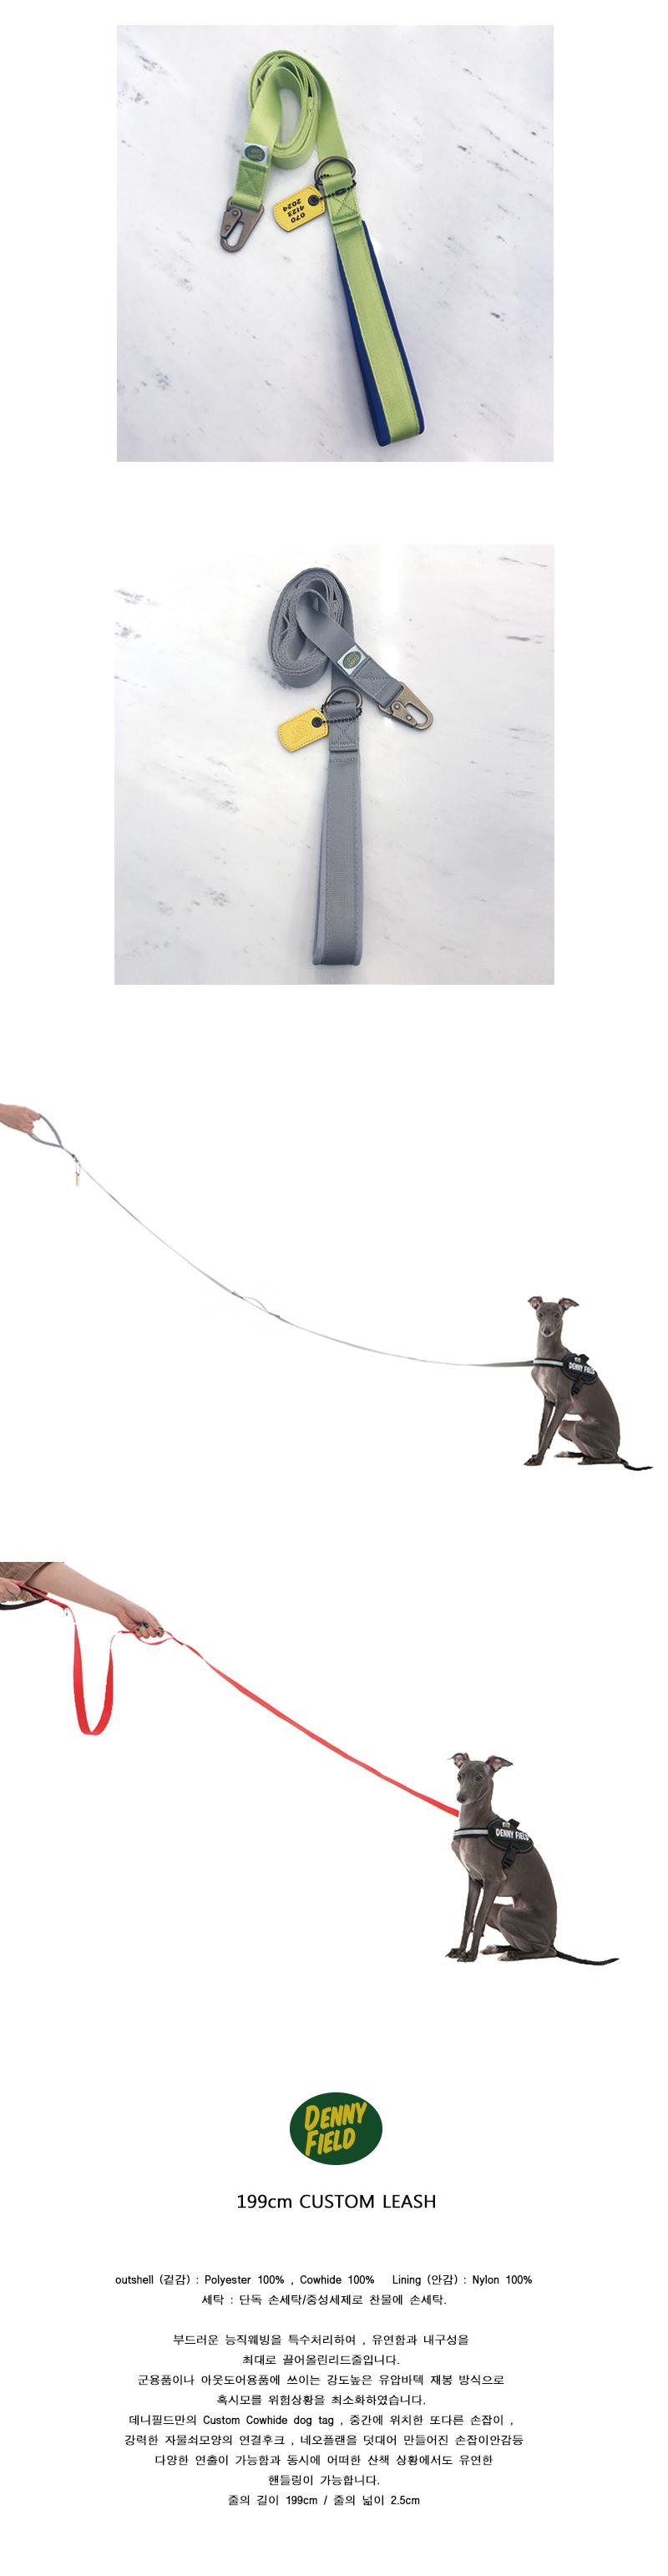 199 cm CUSTOM LEASH - 데니필드, 23,000원, 이동장/리드줄/야외용품, 리드줄